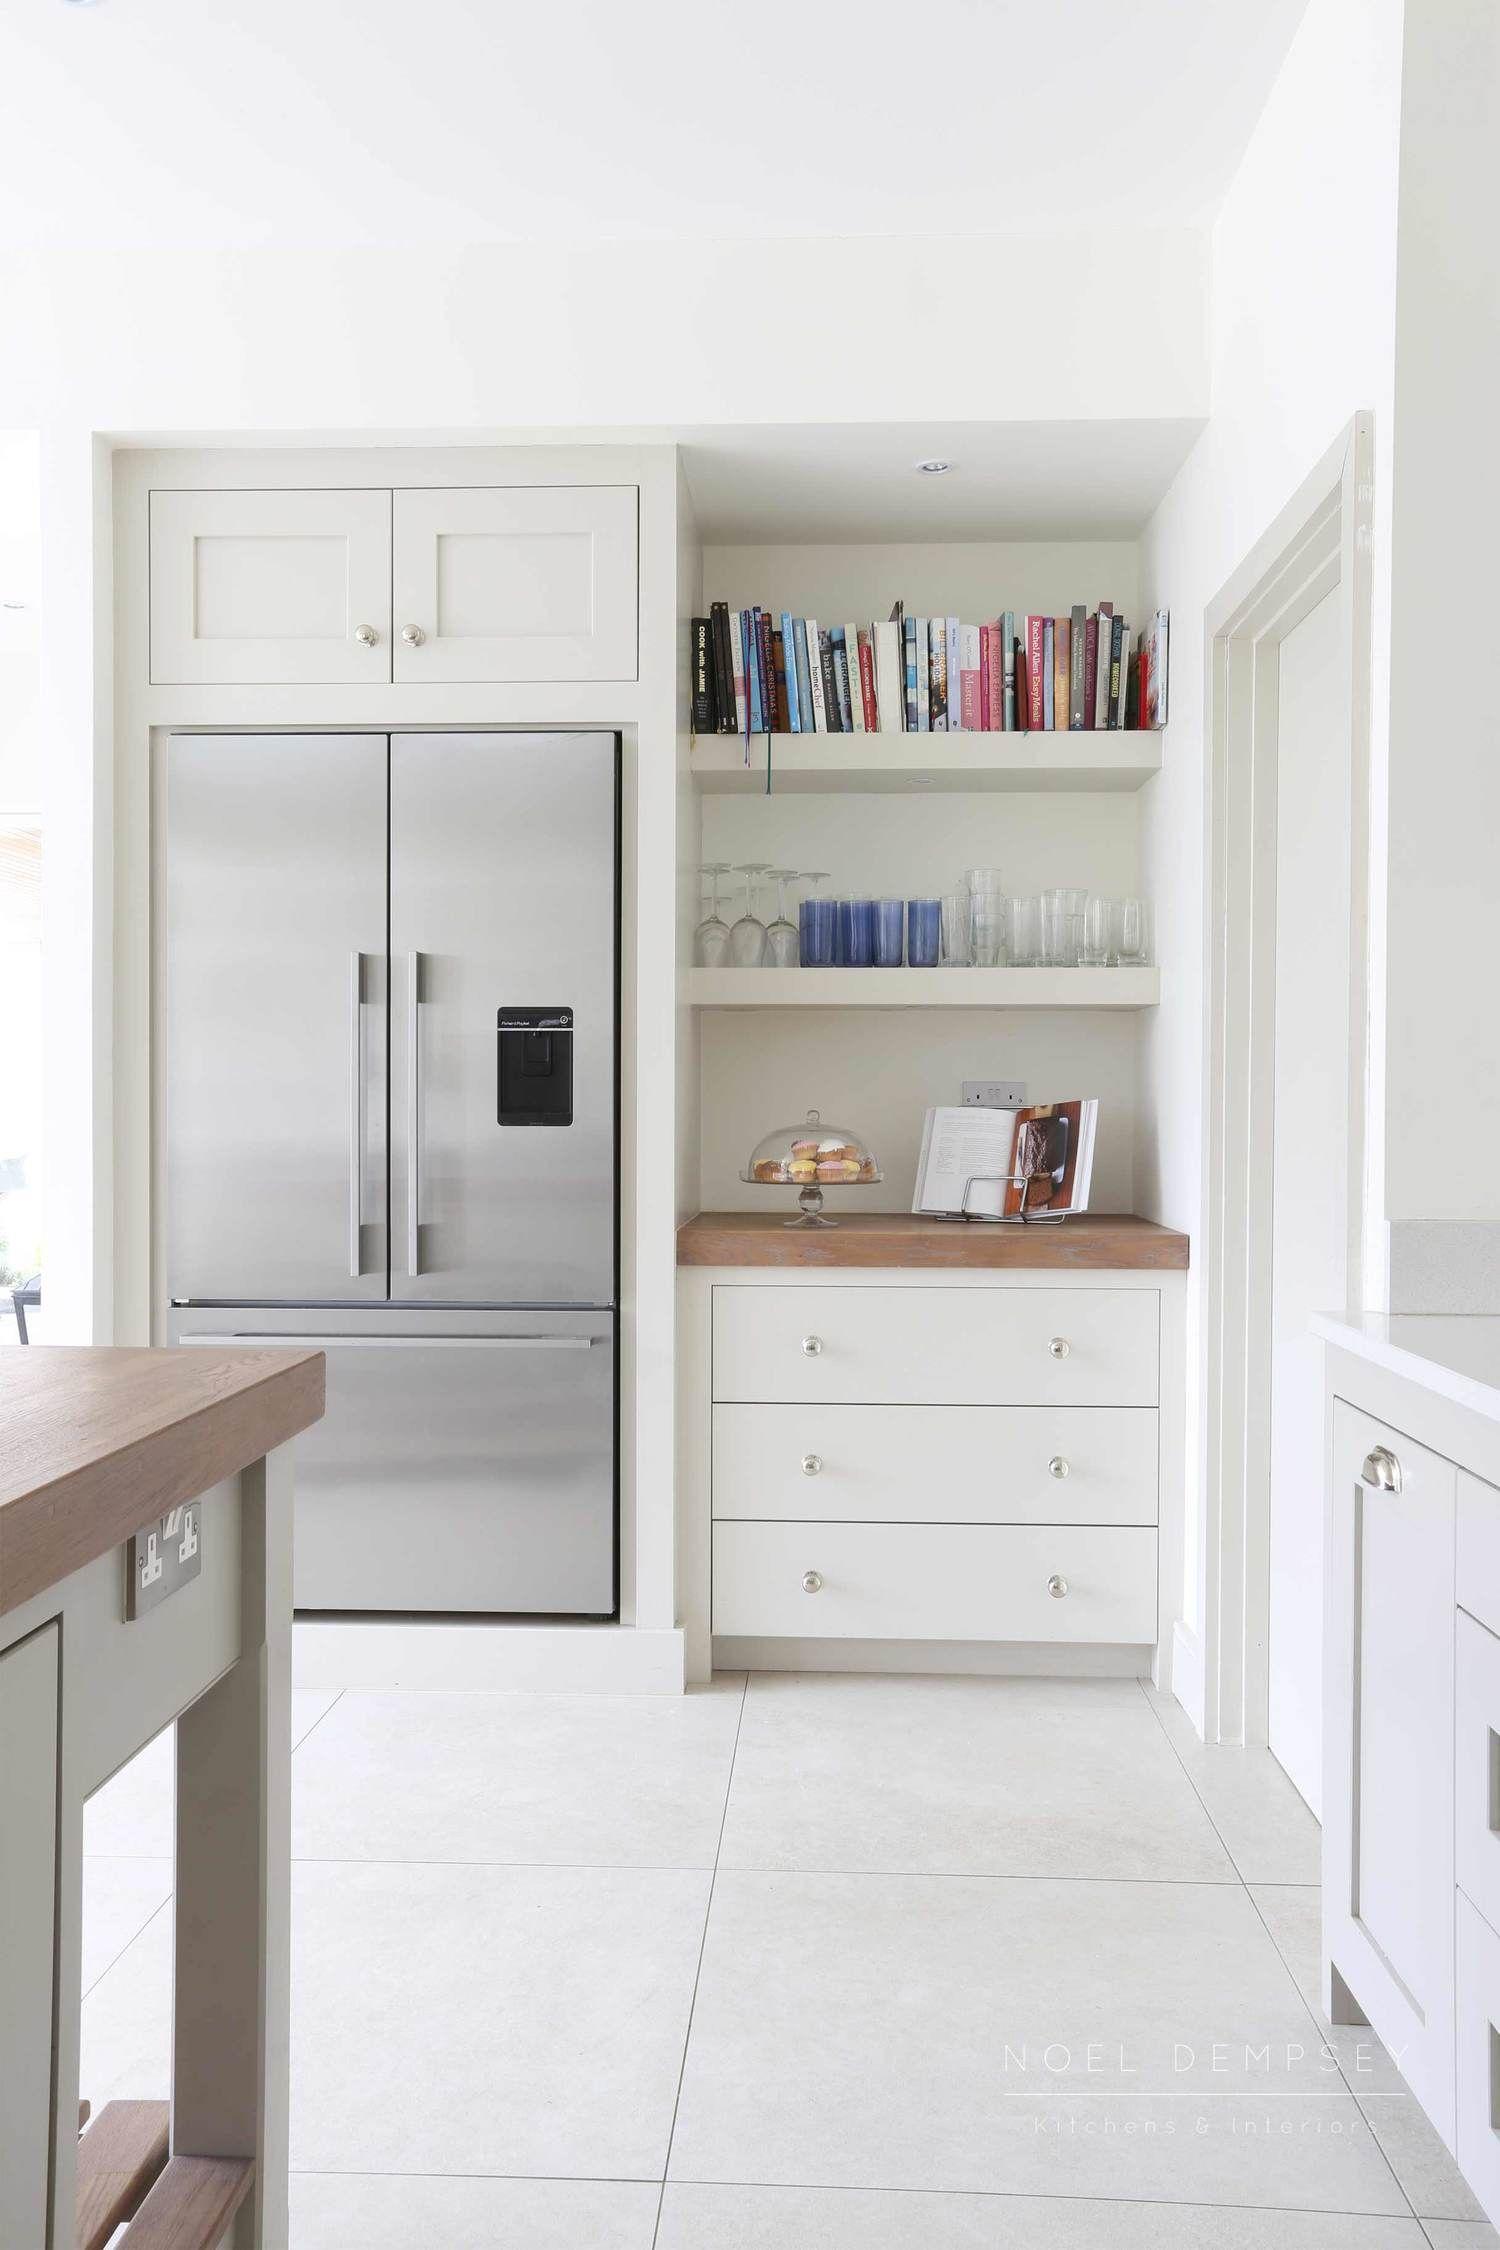 Plain English Kitchen: Glen Valley - Noel Dempsey Design #plainenglishkitchen